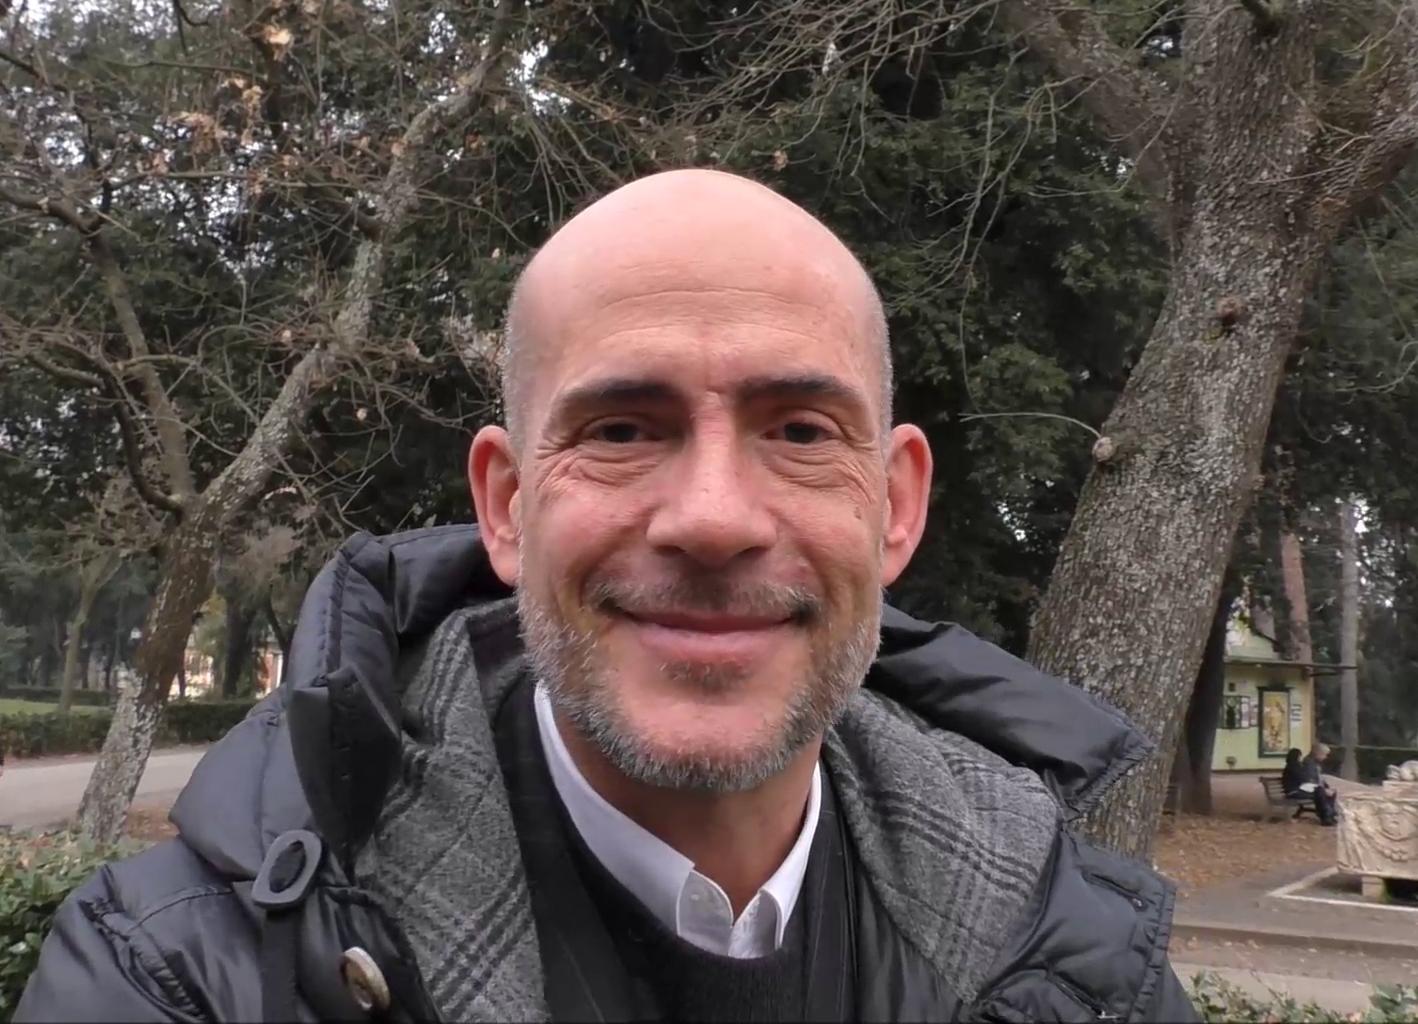 Videointervista a Gianmarco Tognazzi  in Luisa Spagnoli faccio un conte  ridicolo 9e2d5c8b68b